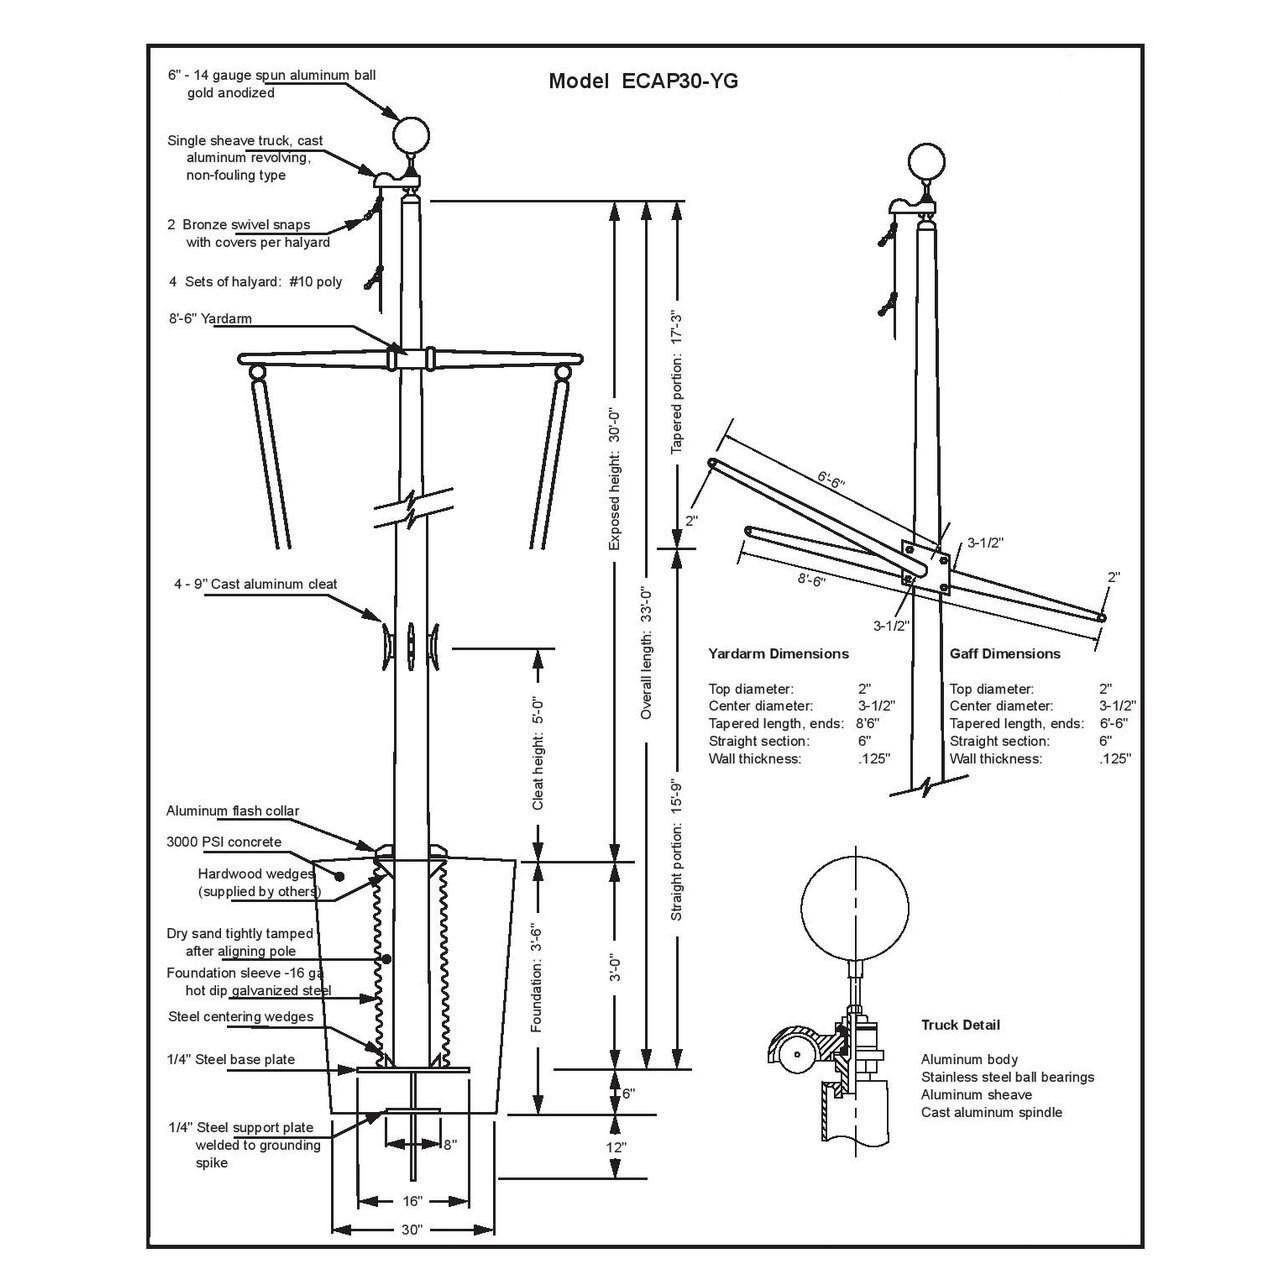 30' Nautical Flagpole w/ Yardarm, Gaff & Collar (ECAP30YG)